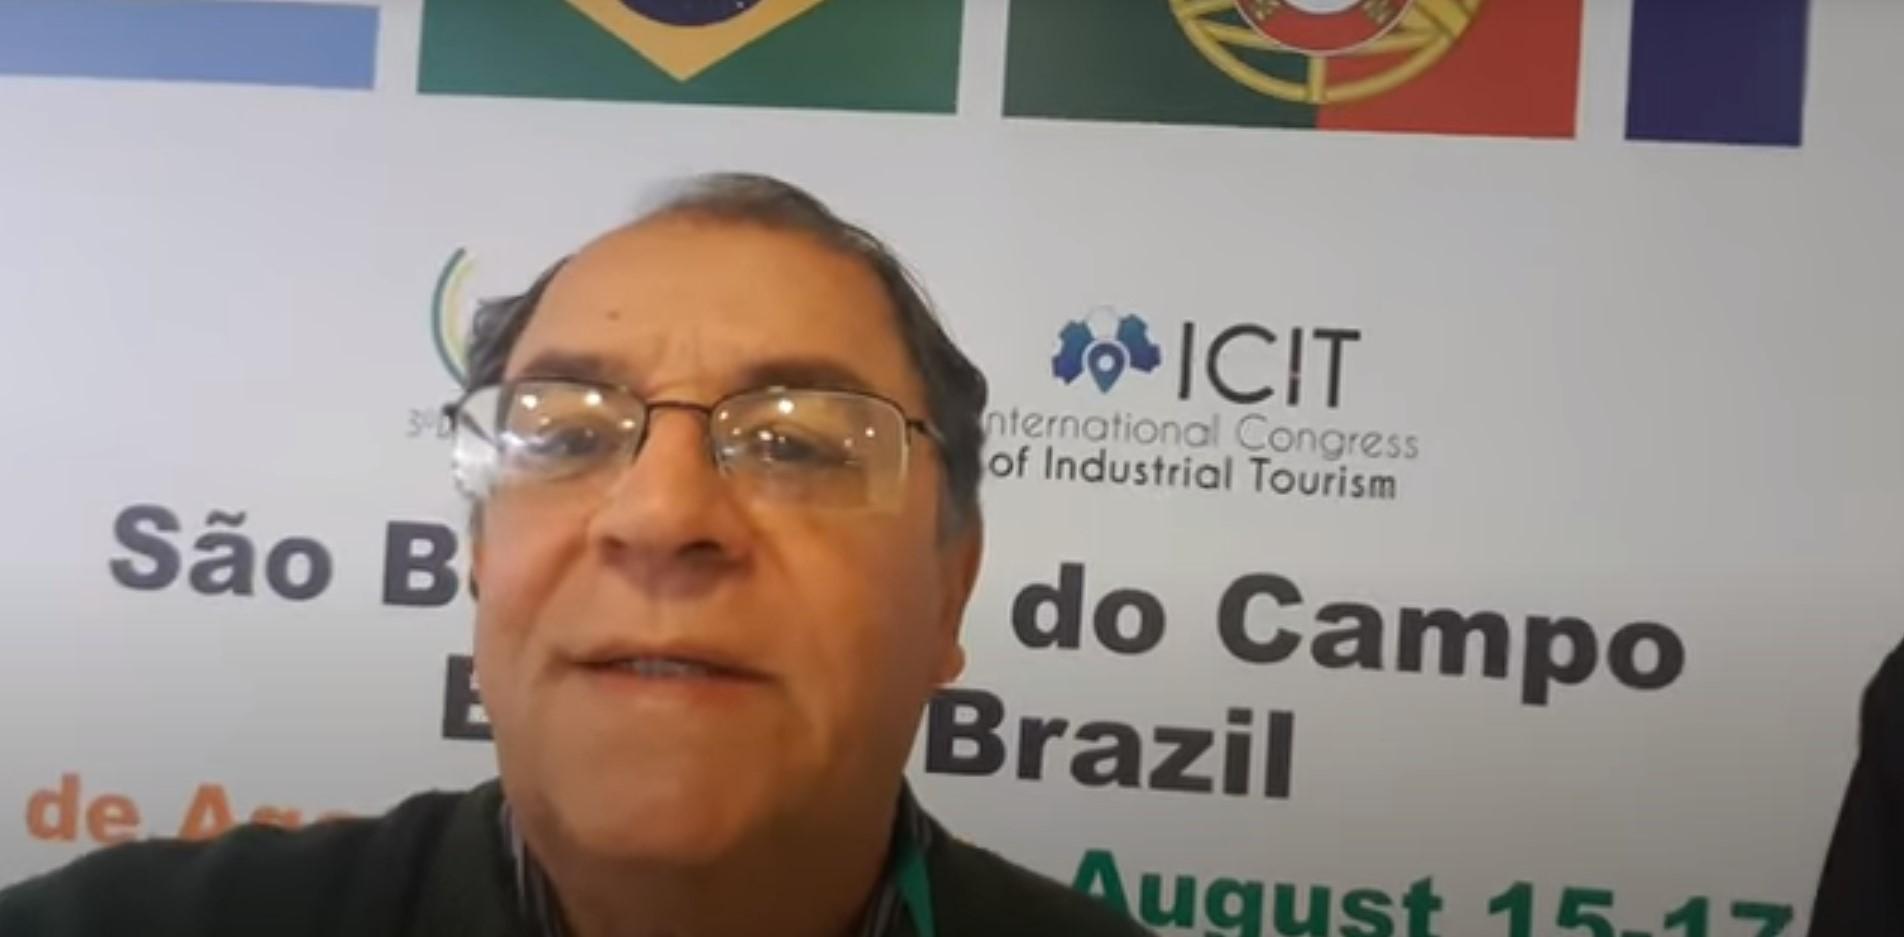 Congresso internacional de turismo industrial